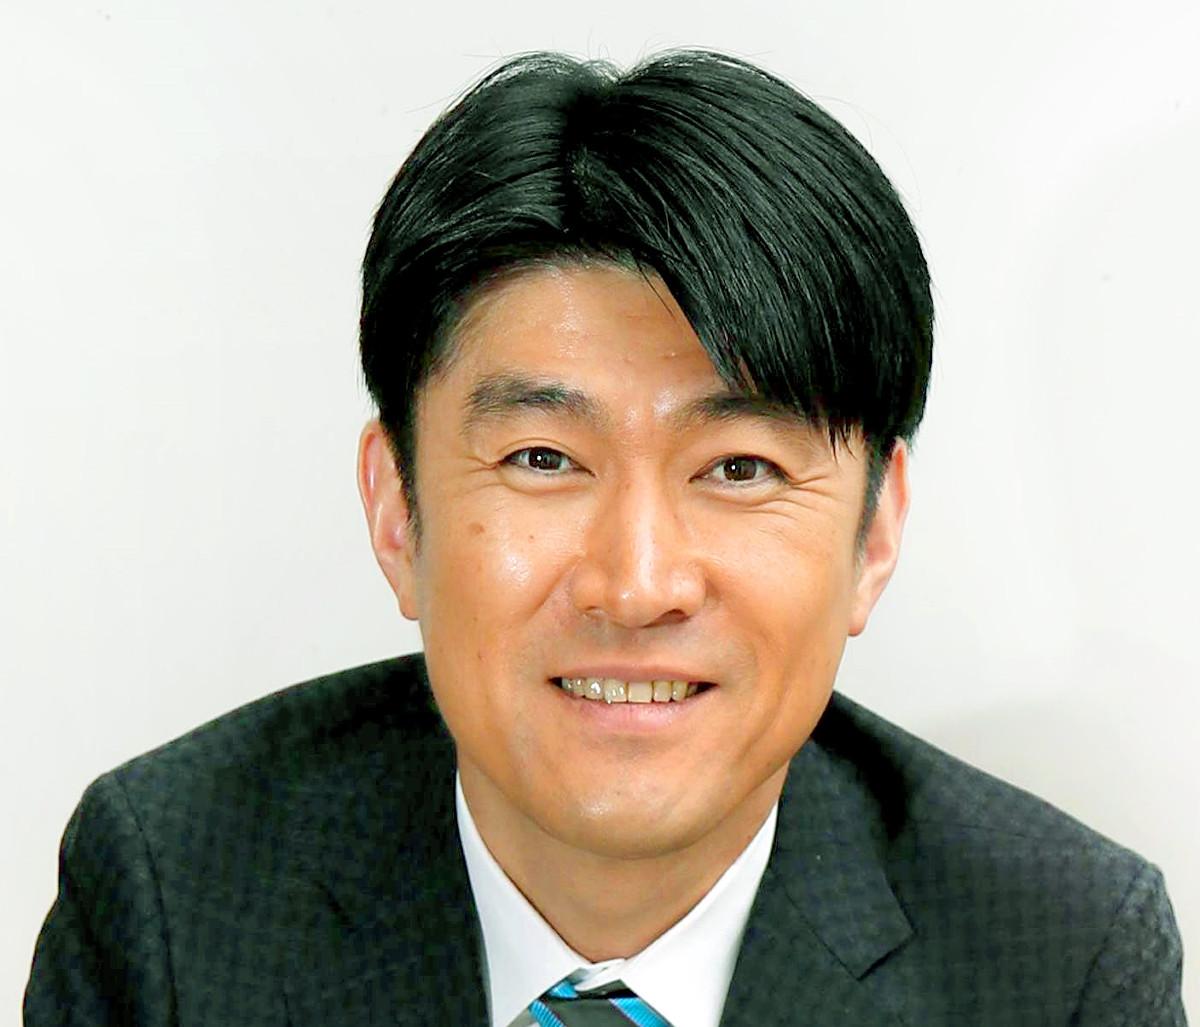 アナウンサー ニュース エブリィ 『every.』藤井貴彦アナの言葉に称賛 コロナ禍で支持される3つの理由